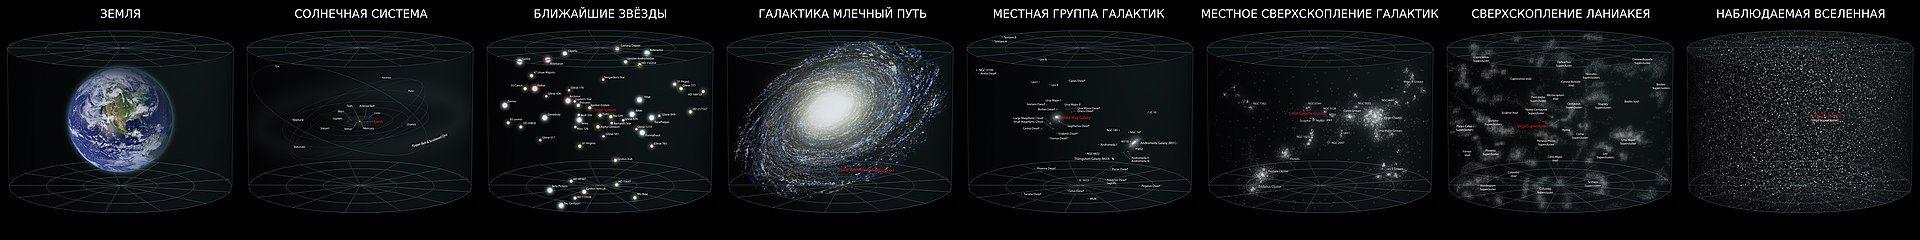 Схематическое изображение Земли и более крупных астрономических объектов, в которые она входит.